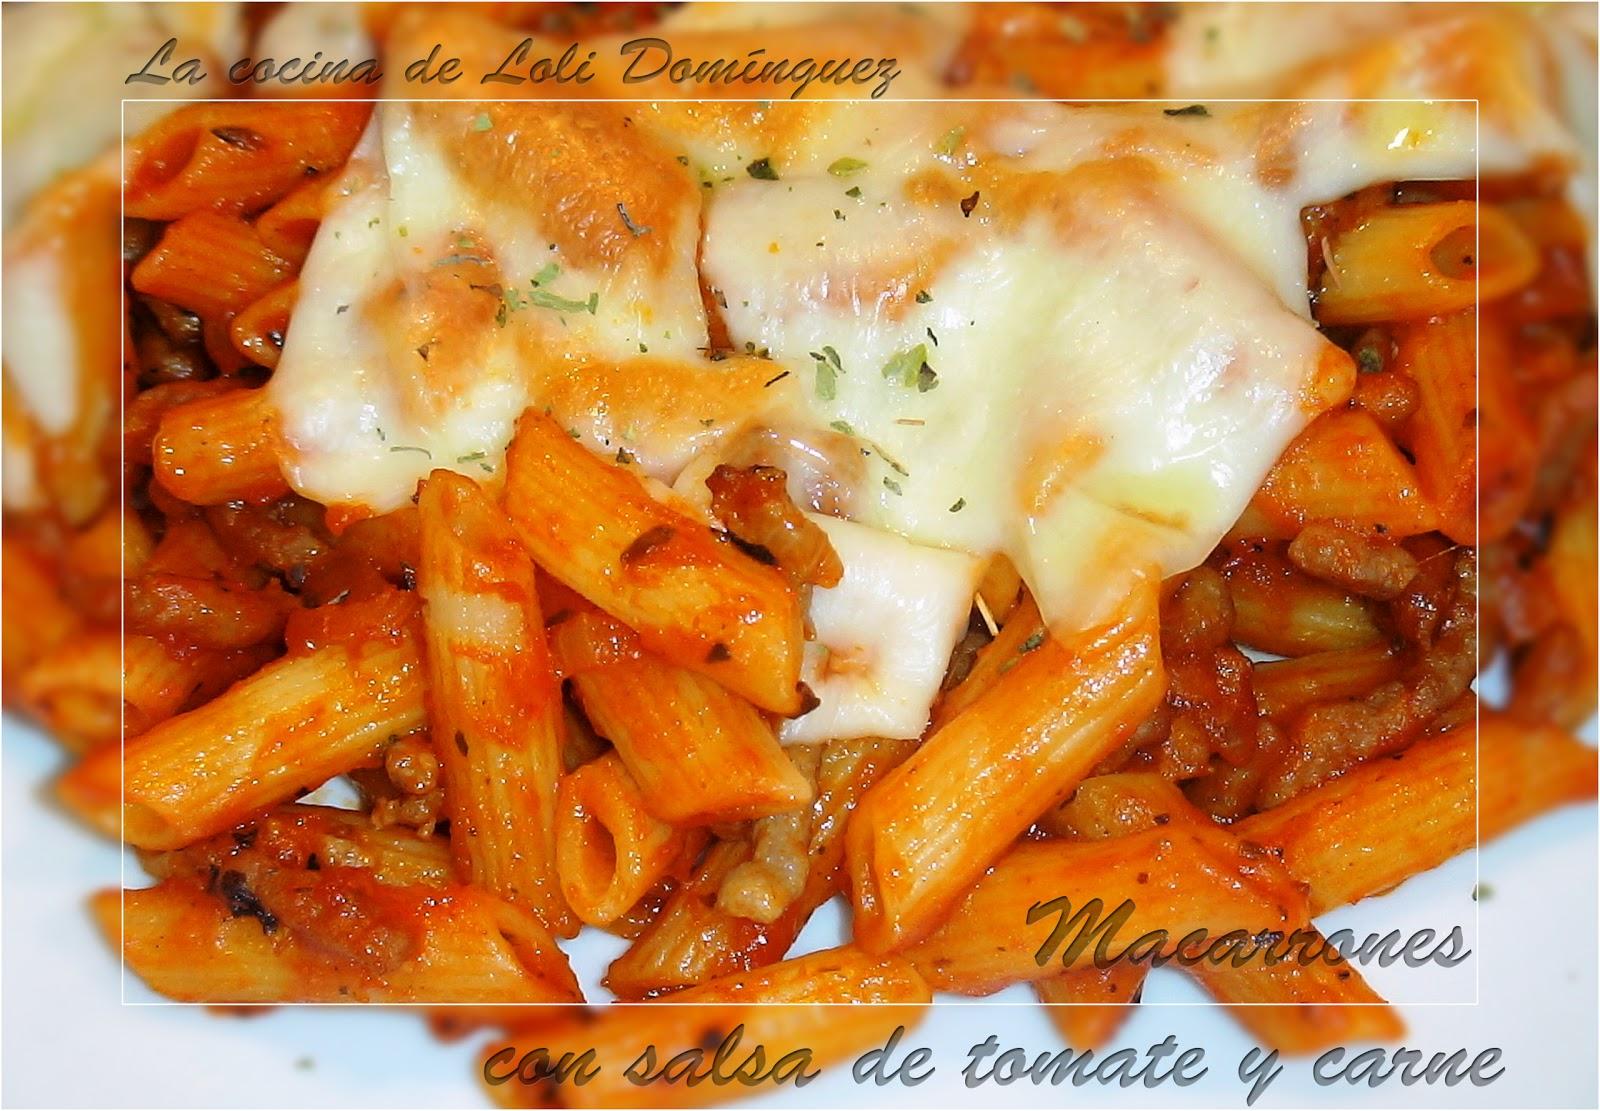 Macarrones con salsa de tomate y carne